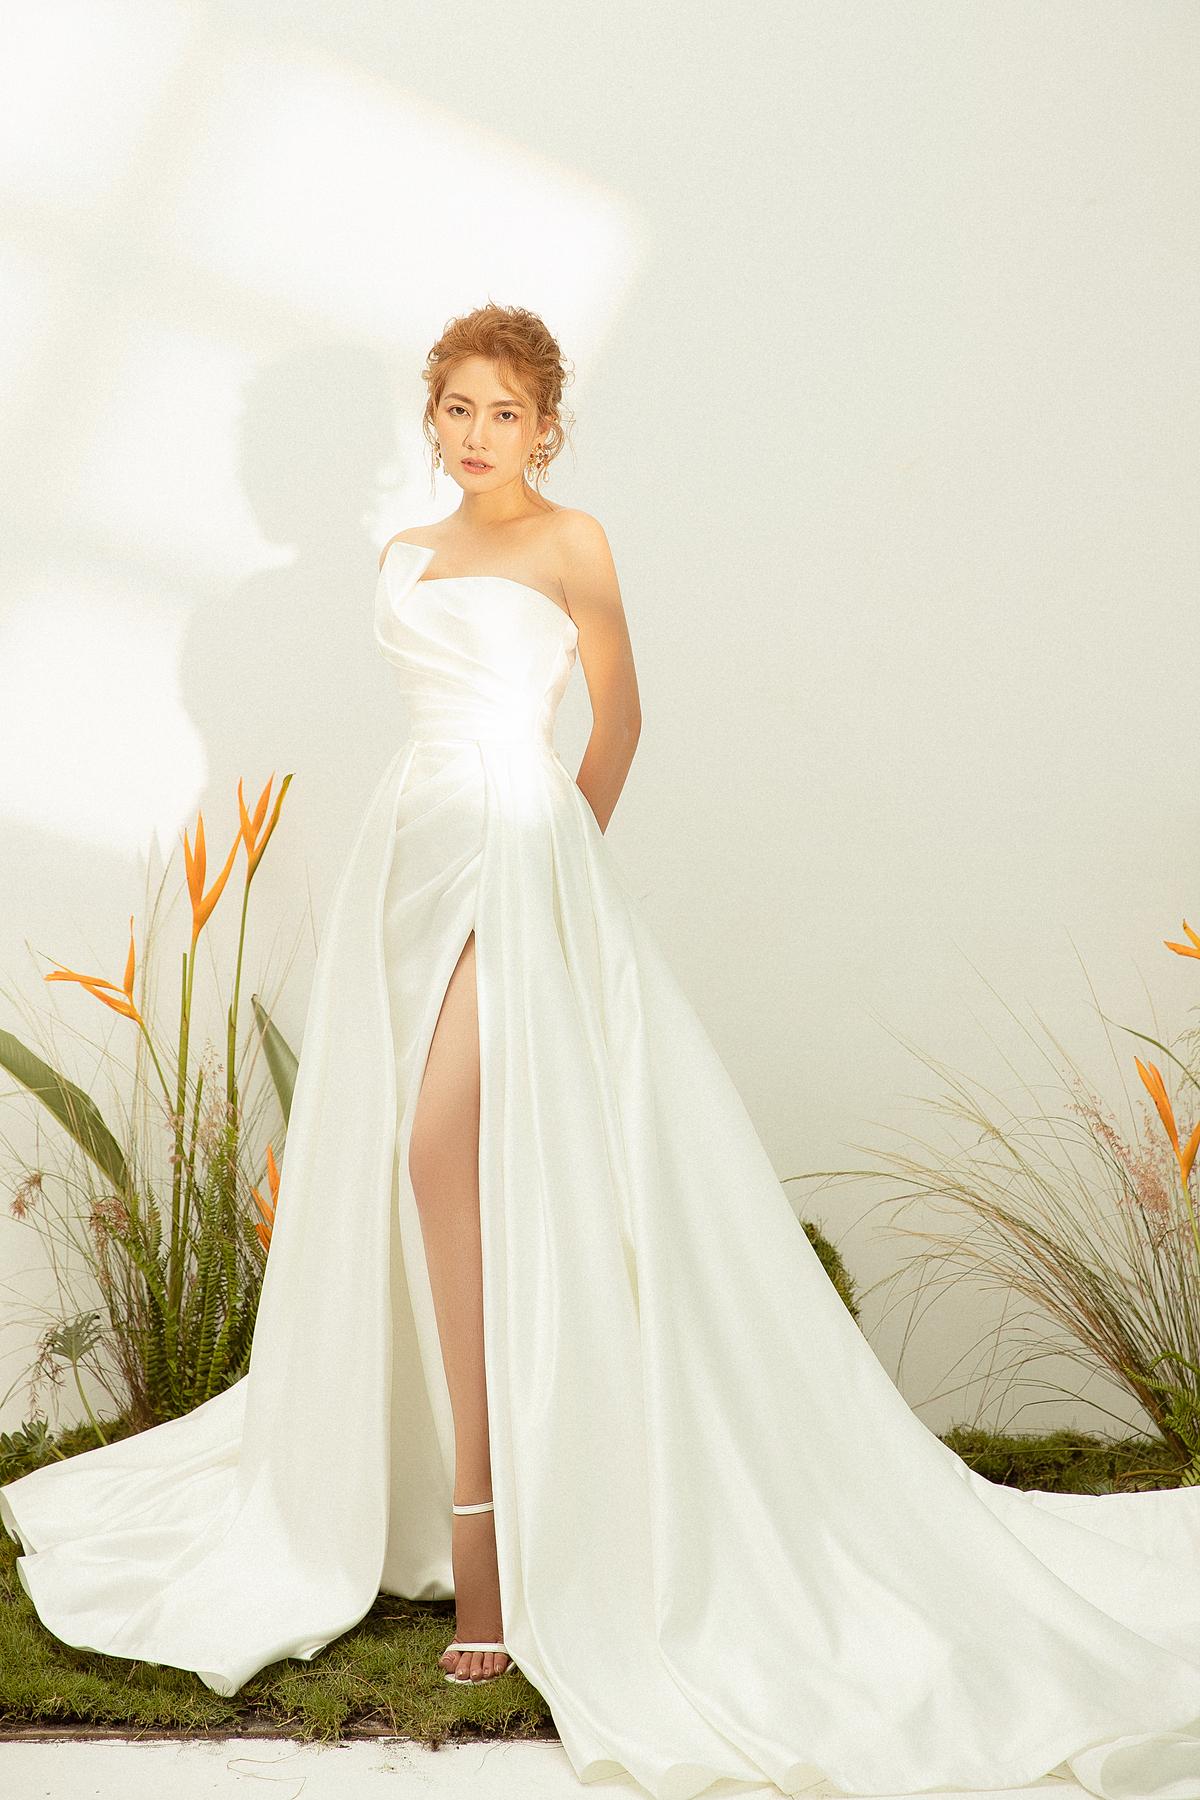 Bộ váy cưới có đường cắt xẻ gợi cảm, thoải mái vẫn không kém phần thanh lịch và lộng lẫy.